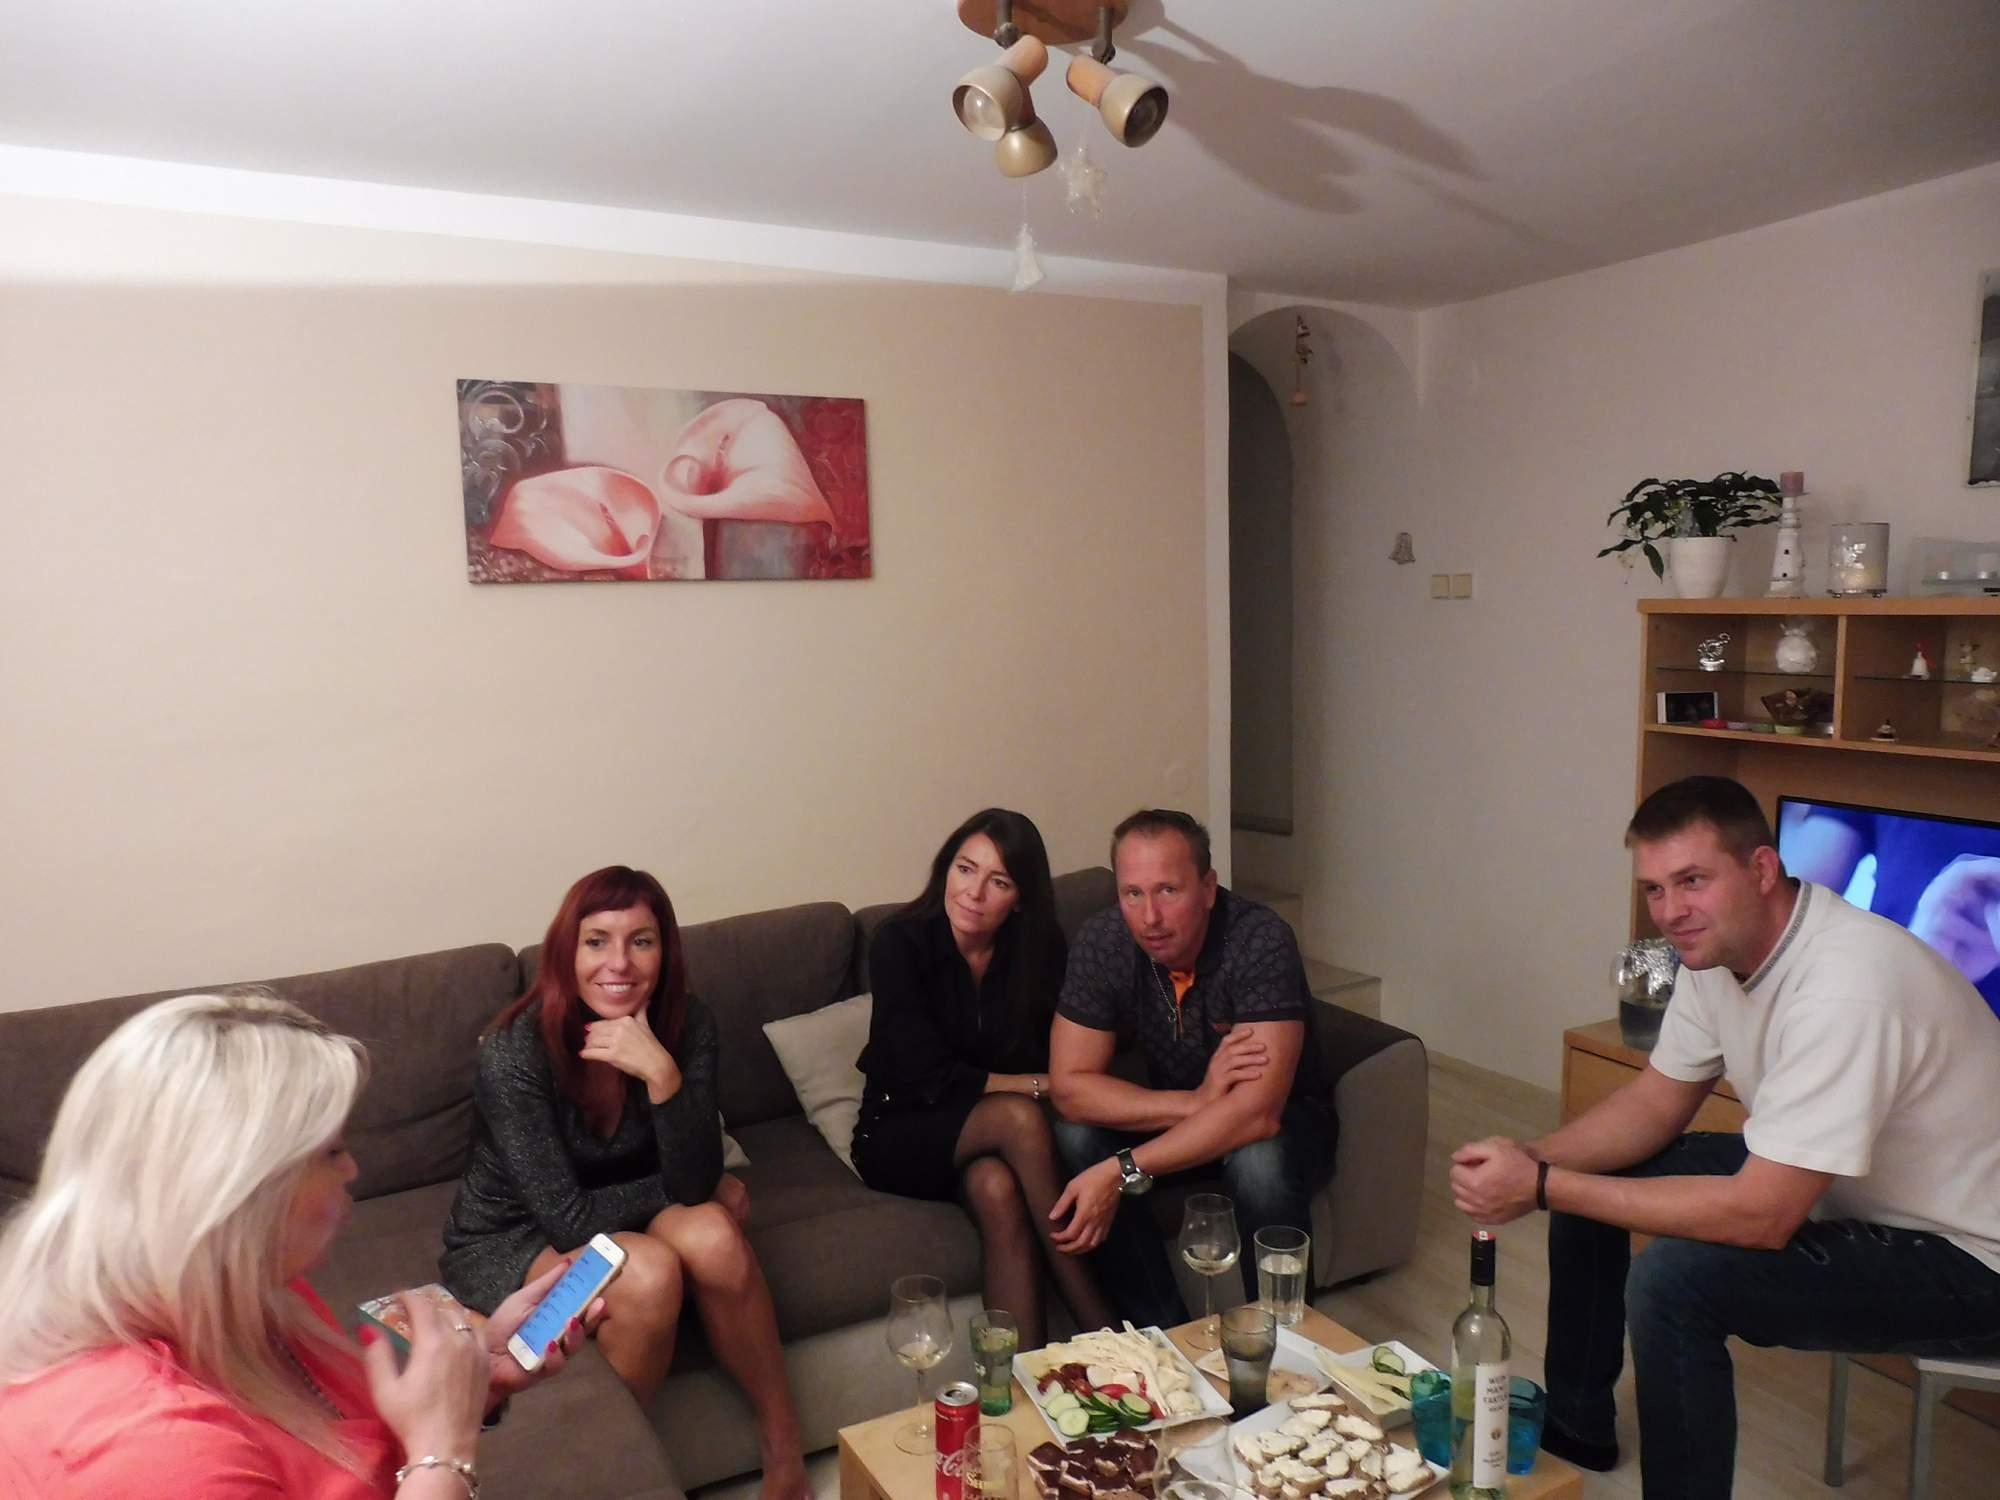 http://img25.rajce.idnes.cz/d2501/14/14634/14634235_b00598d2425854f4d08a31e2093f7272/images/Jana_43_let_,s_prateli_089.jpg